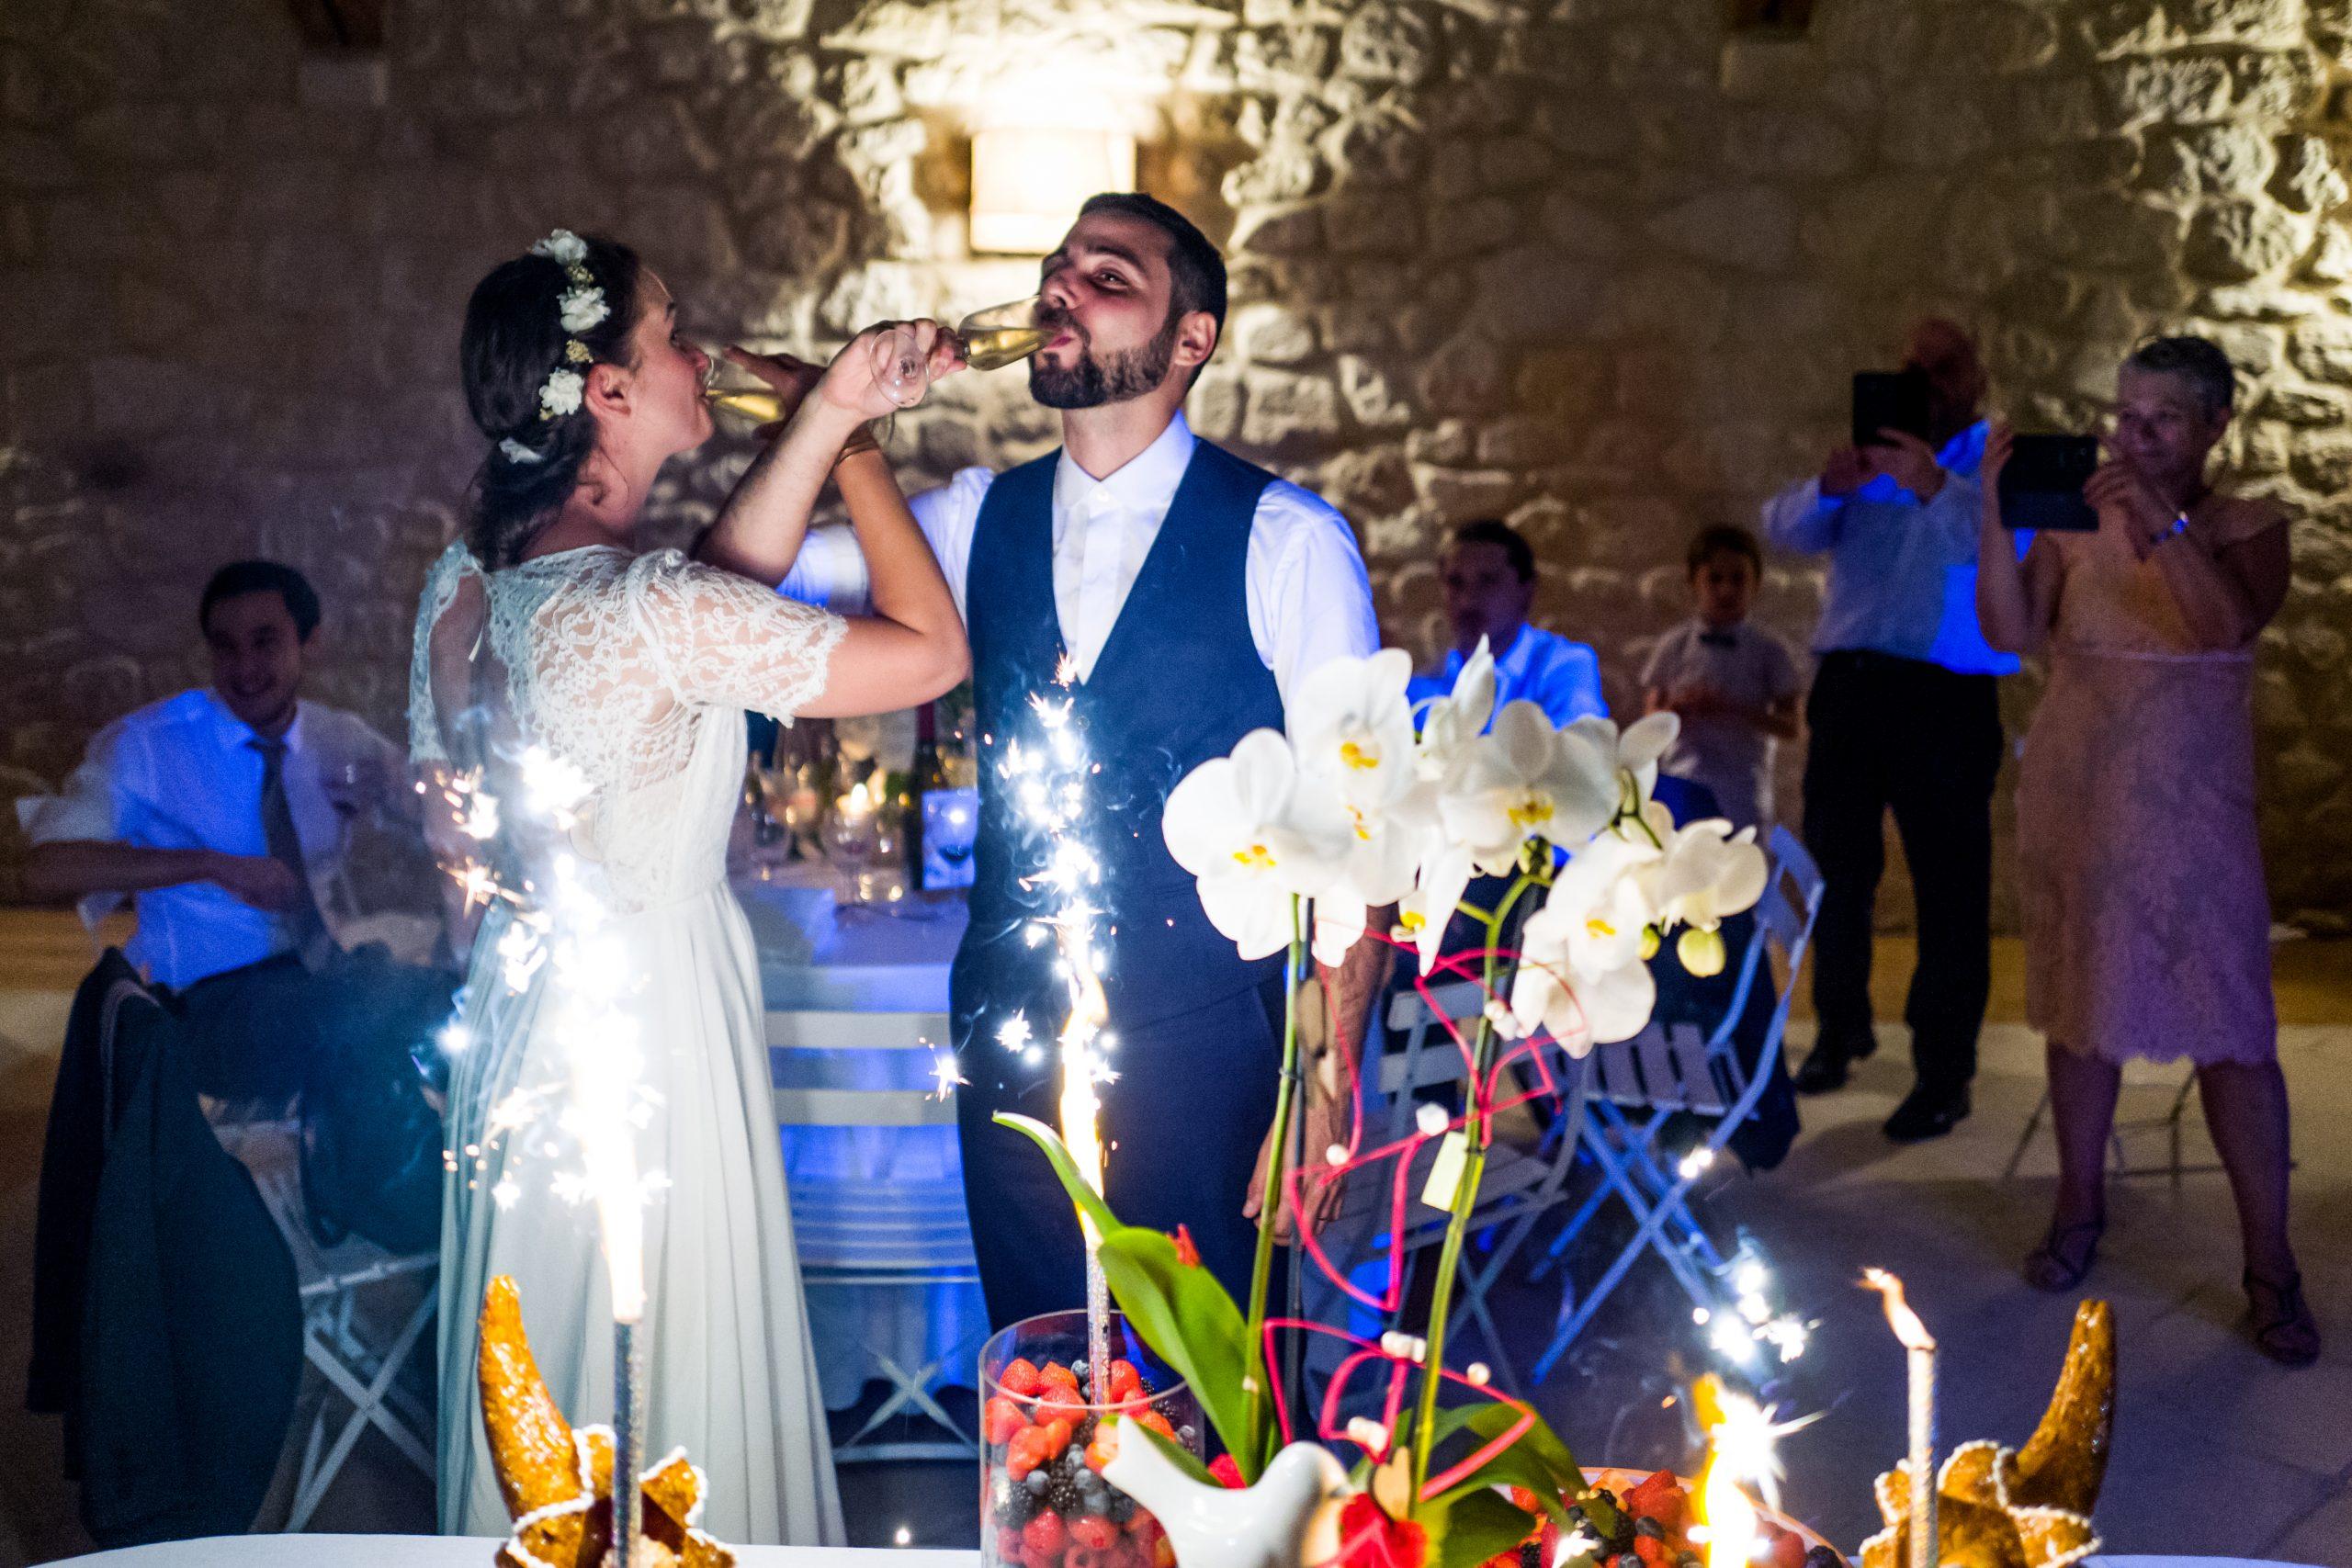 Fête de mariage - Photographe mariage Hérault - Montpellier - Nice